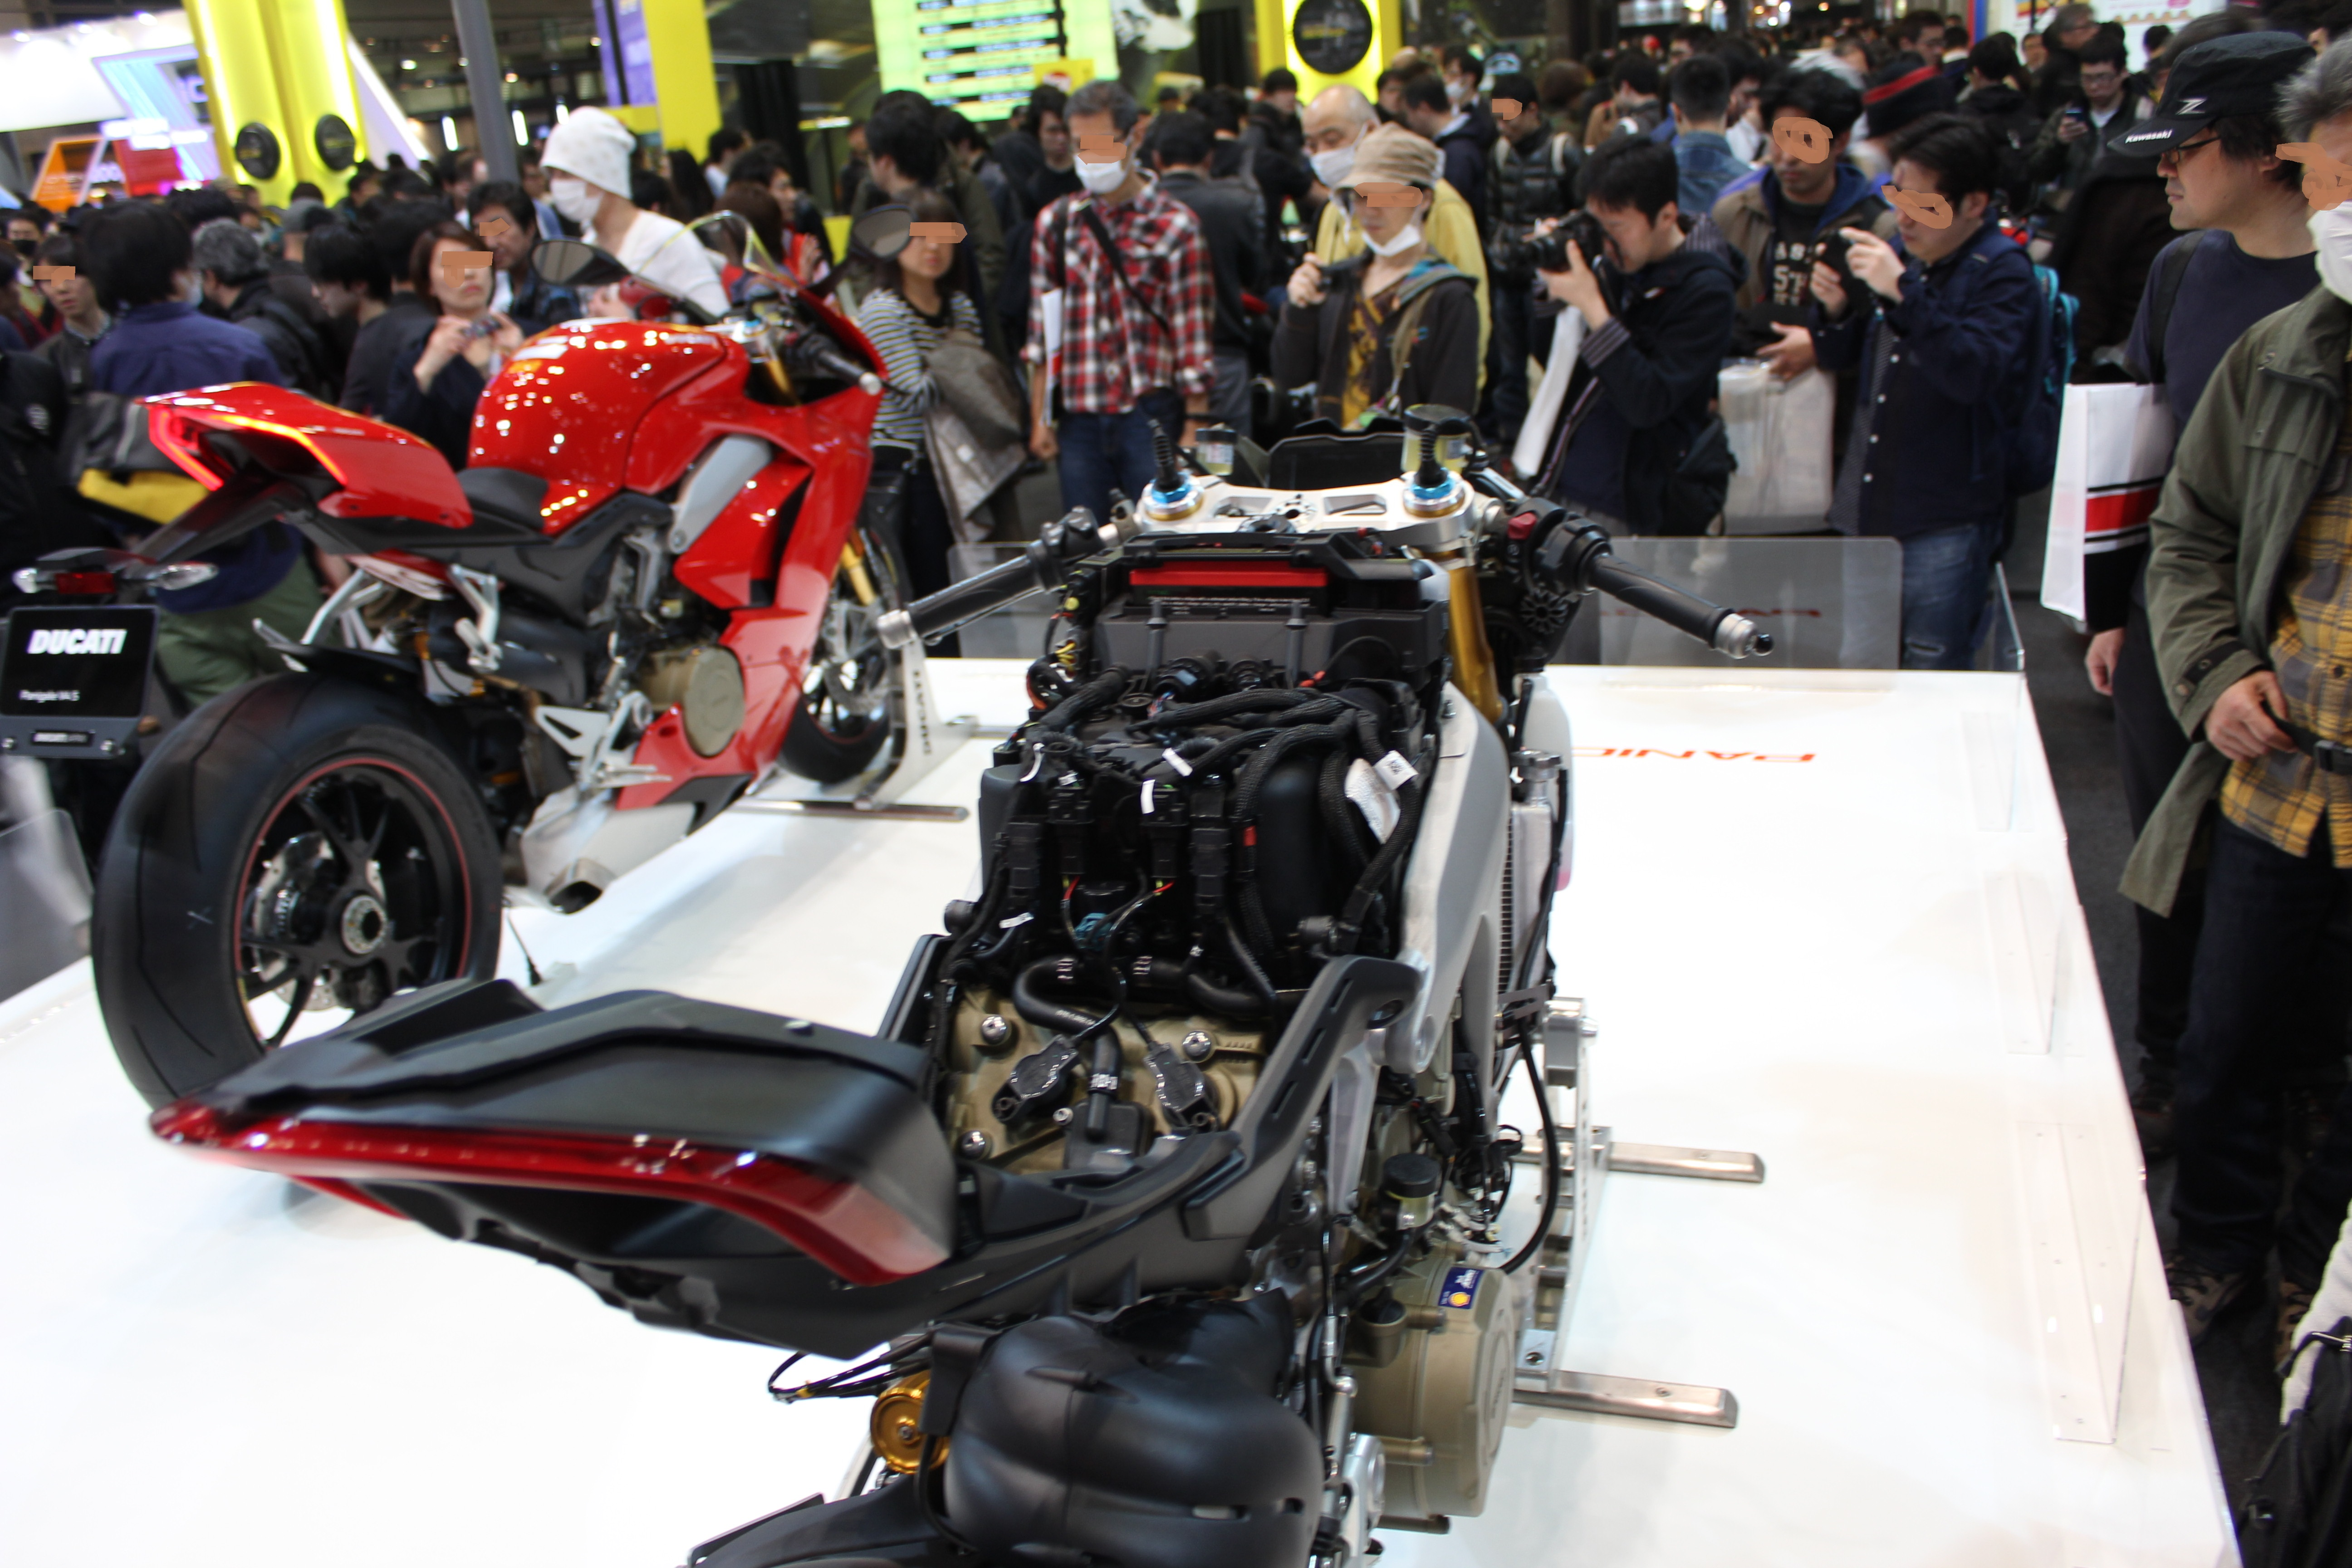 東京モーターサイクルショー2018が私たちに見せてくれたもの